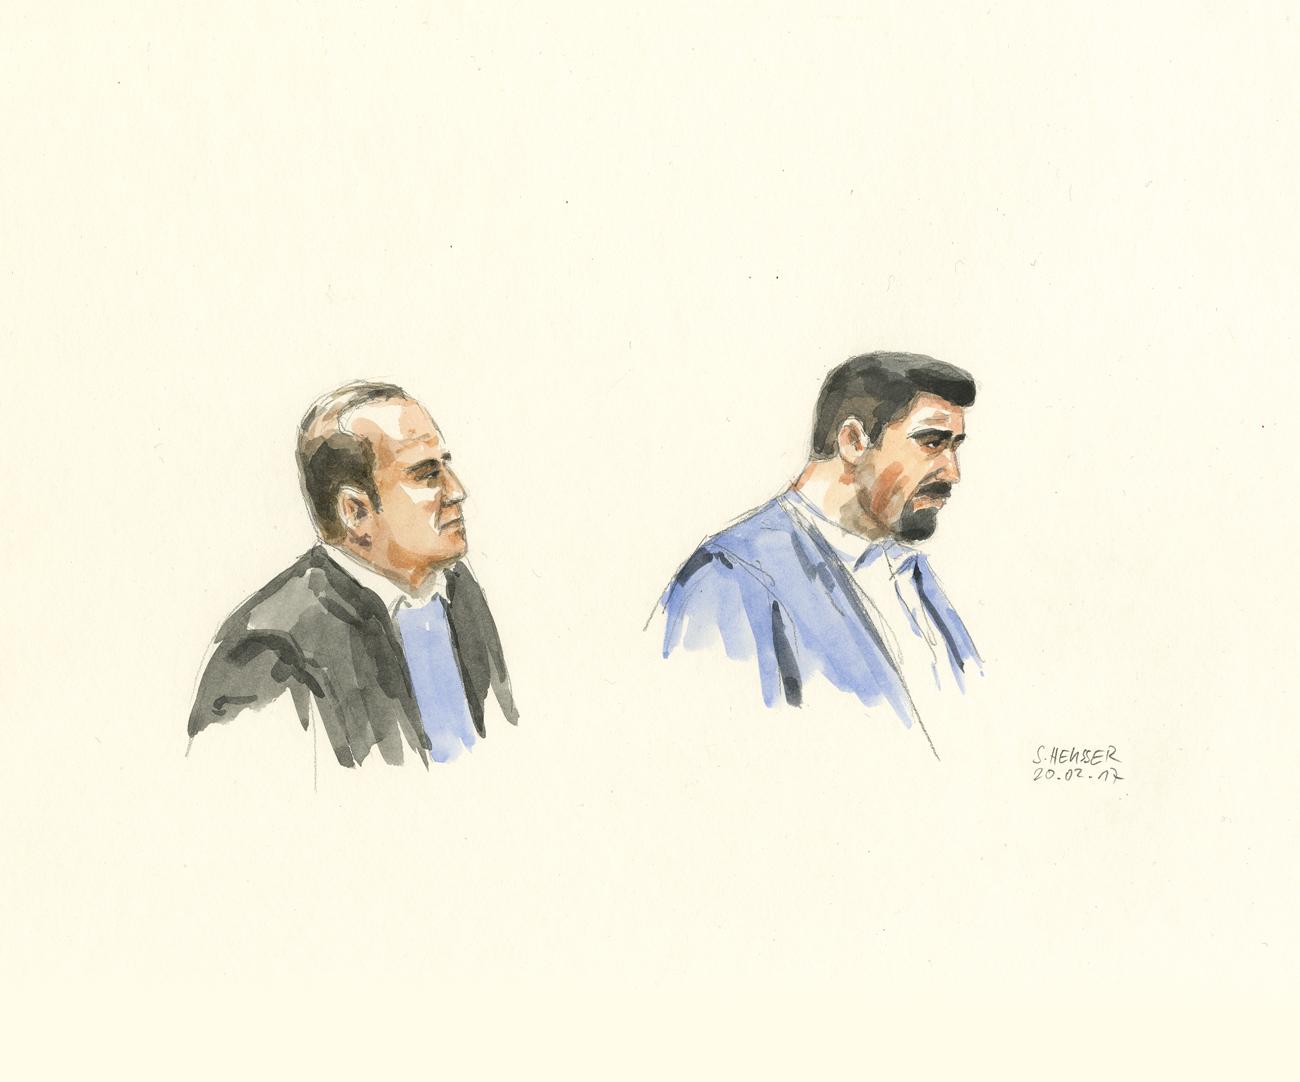 Ein Angeklagter und ein Kronzeuge